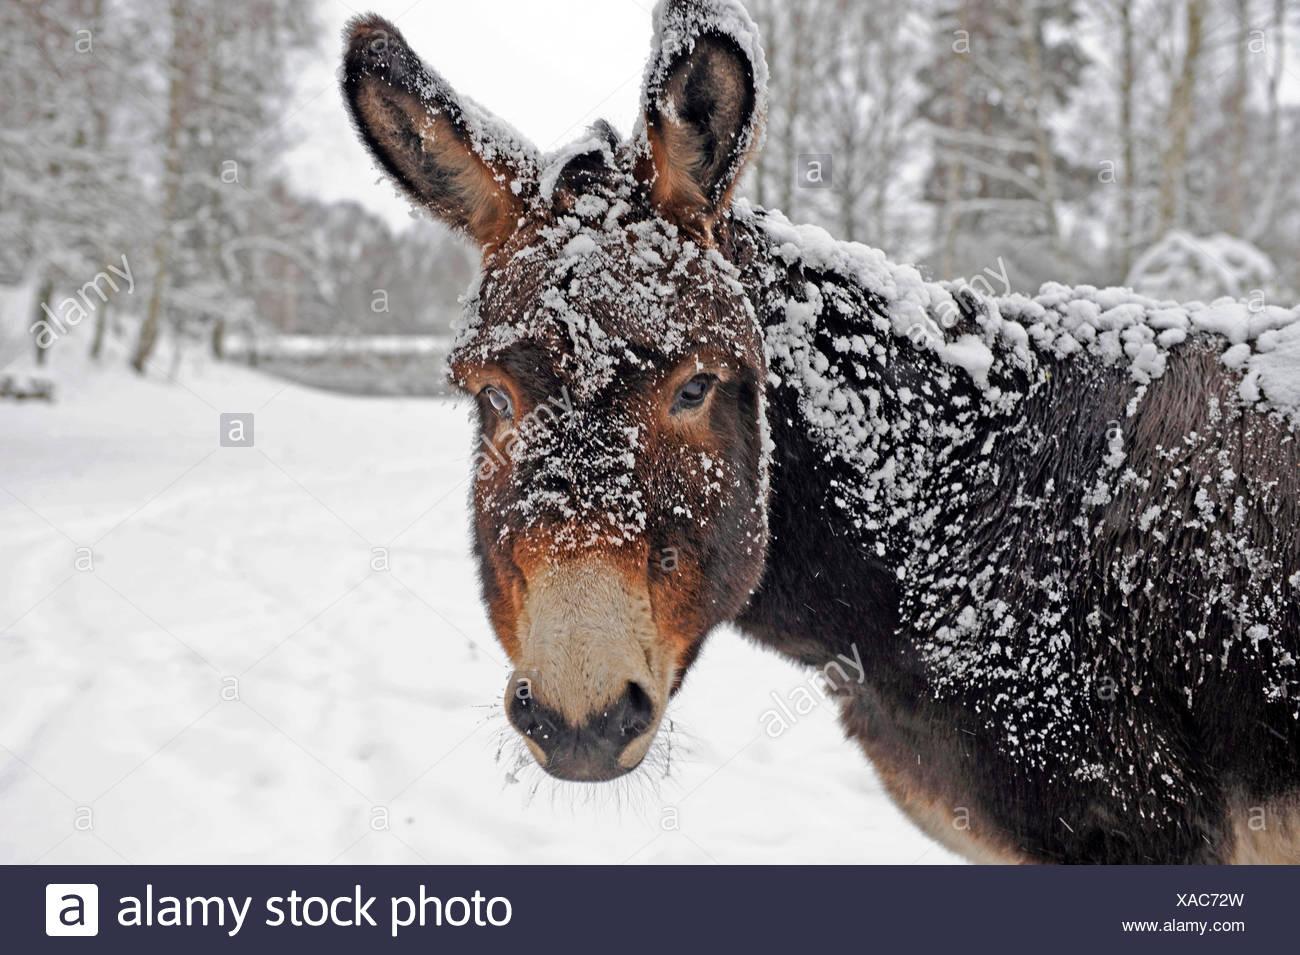 Un burro marrón comprometidos con nieve en pastoreo invernal Foto de stock